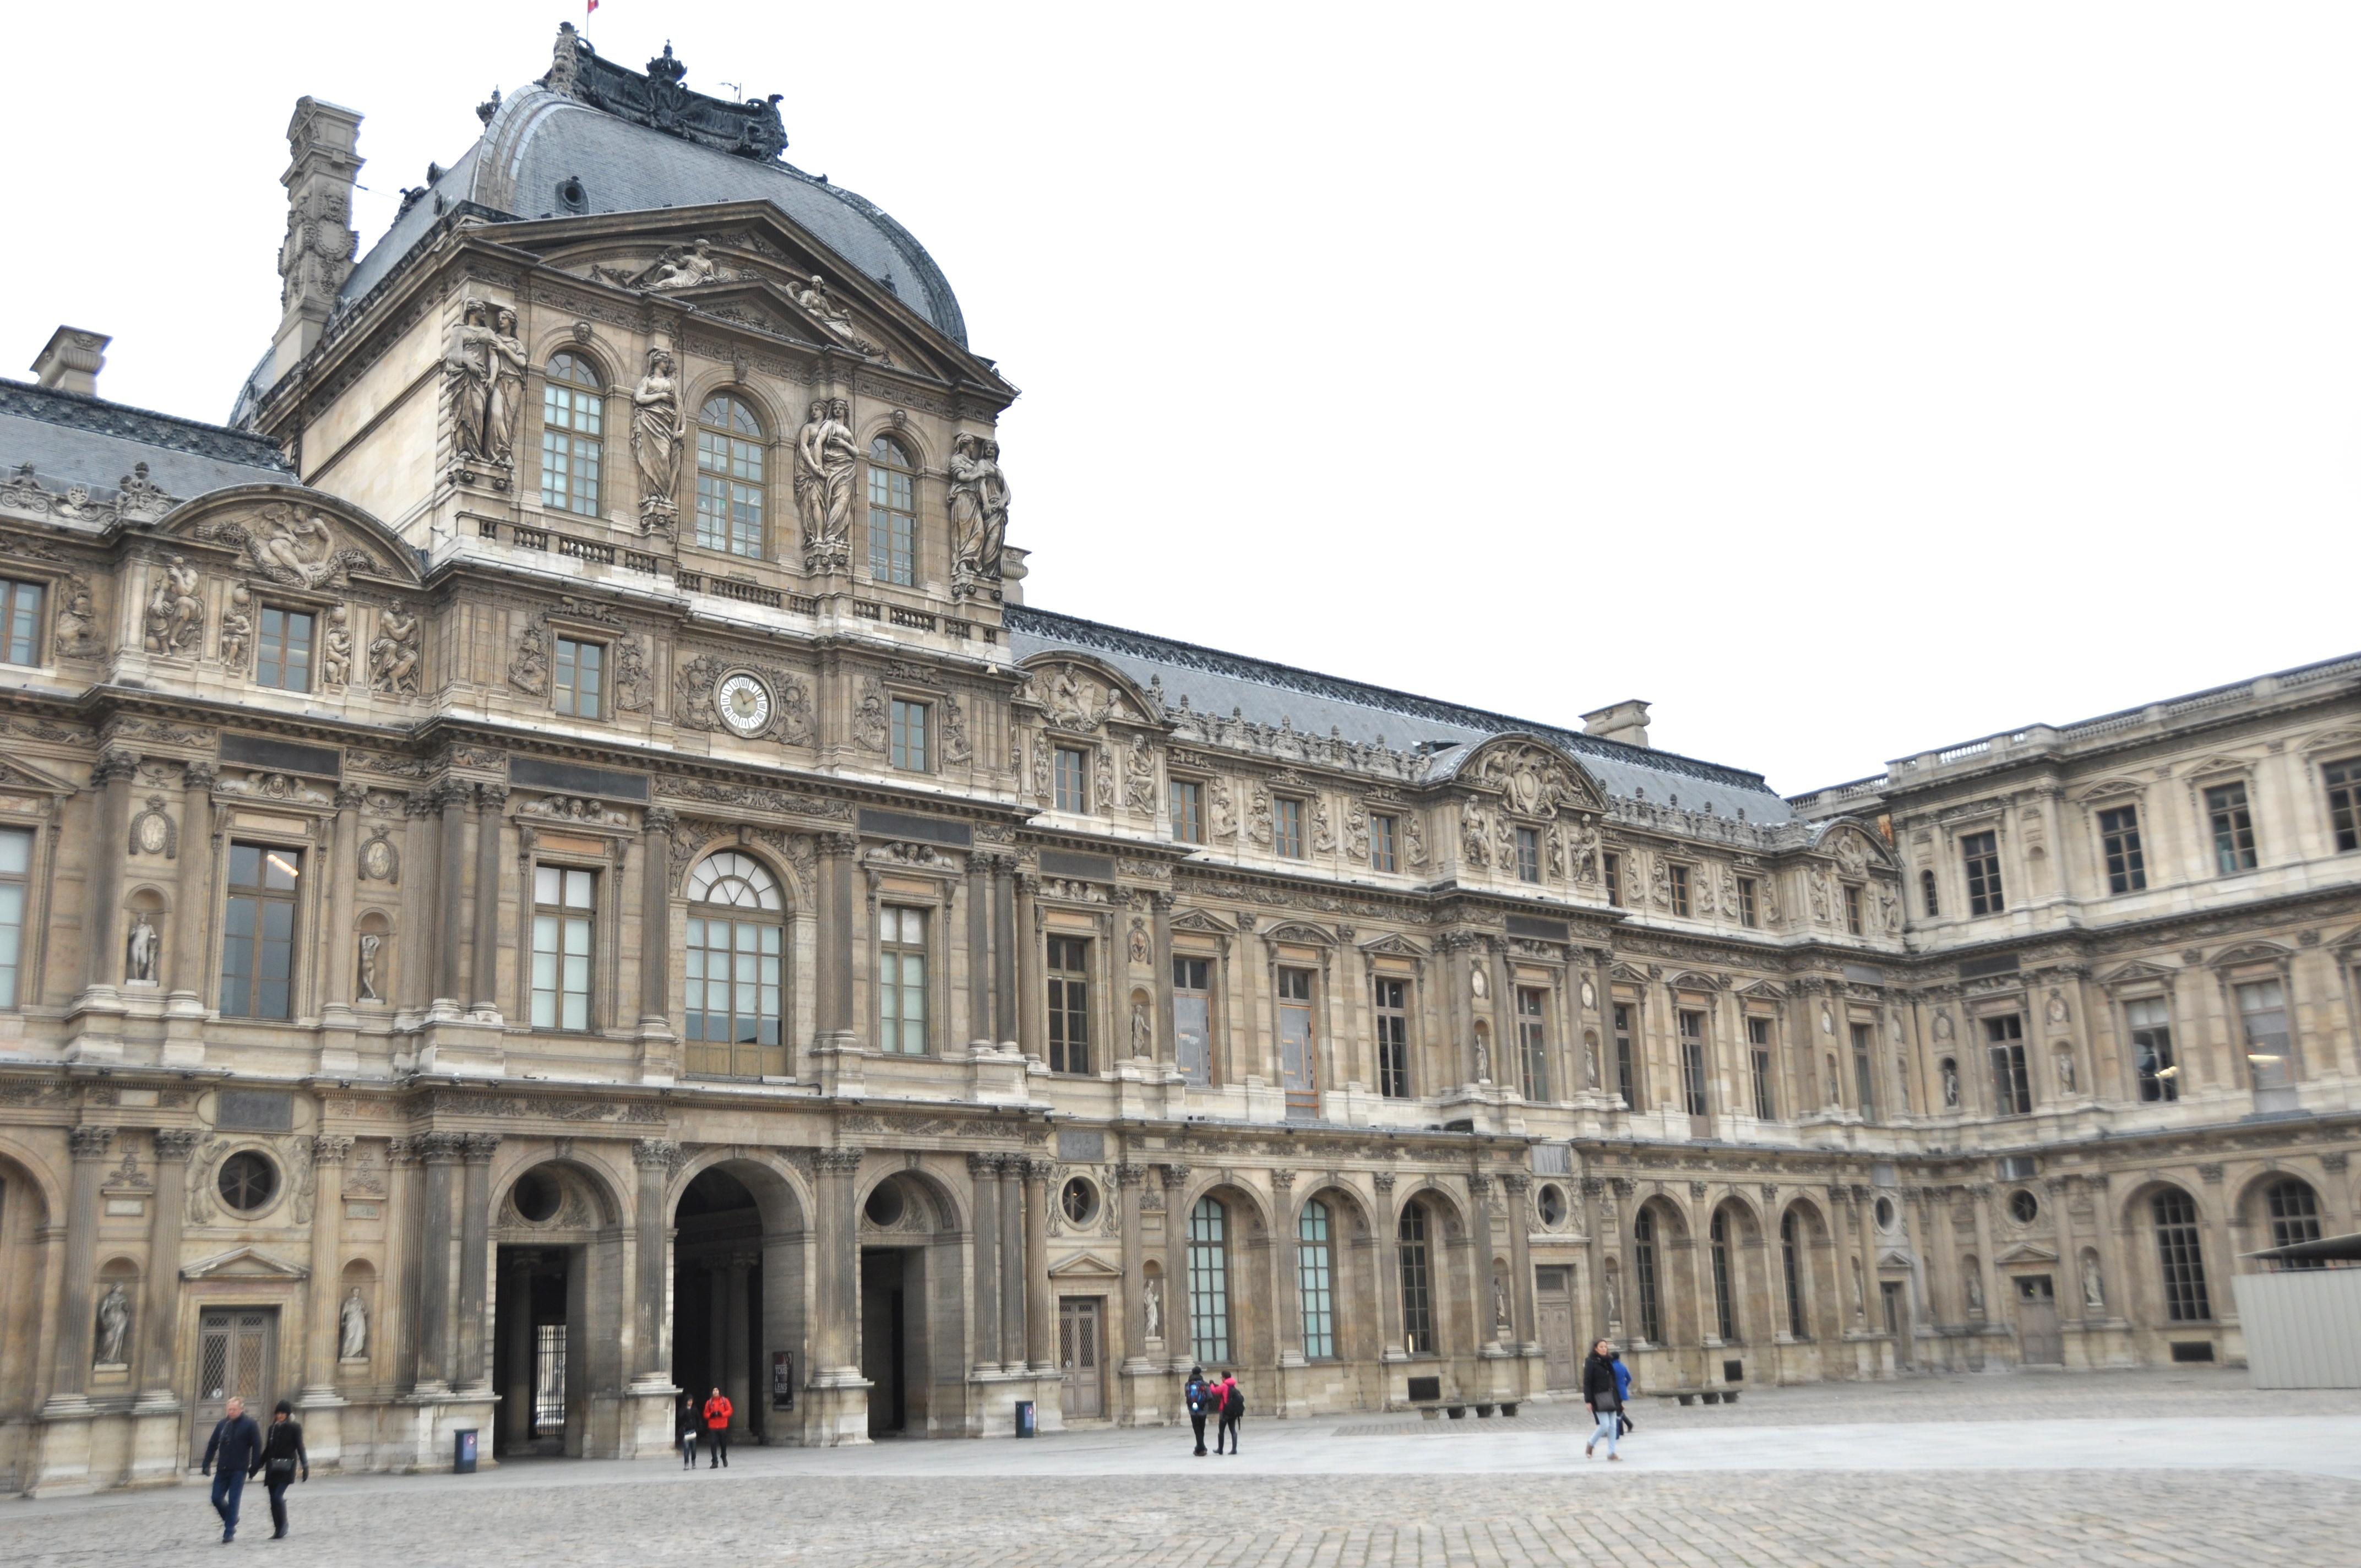 Aile Lemercier, Pavillon Sully, Cour Carrée du Louvre, Paris